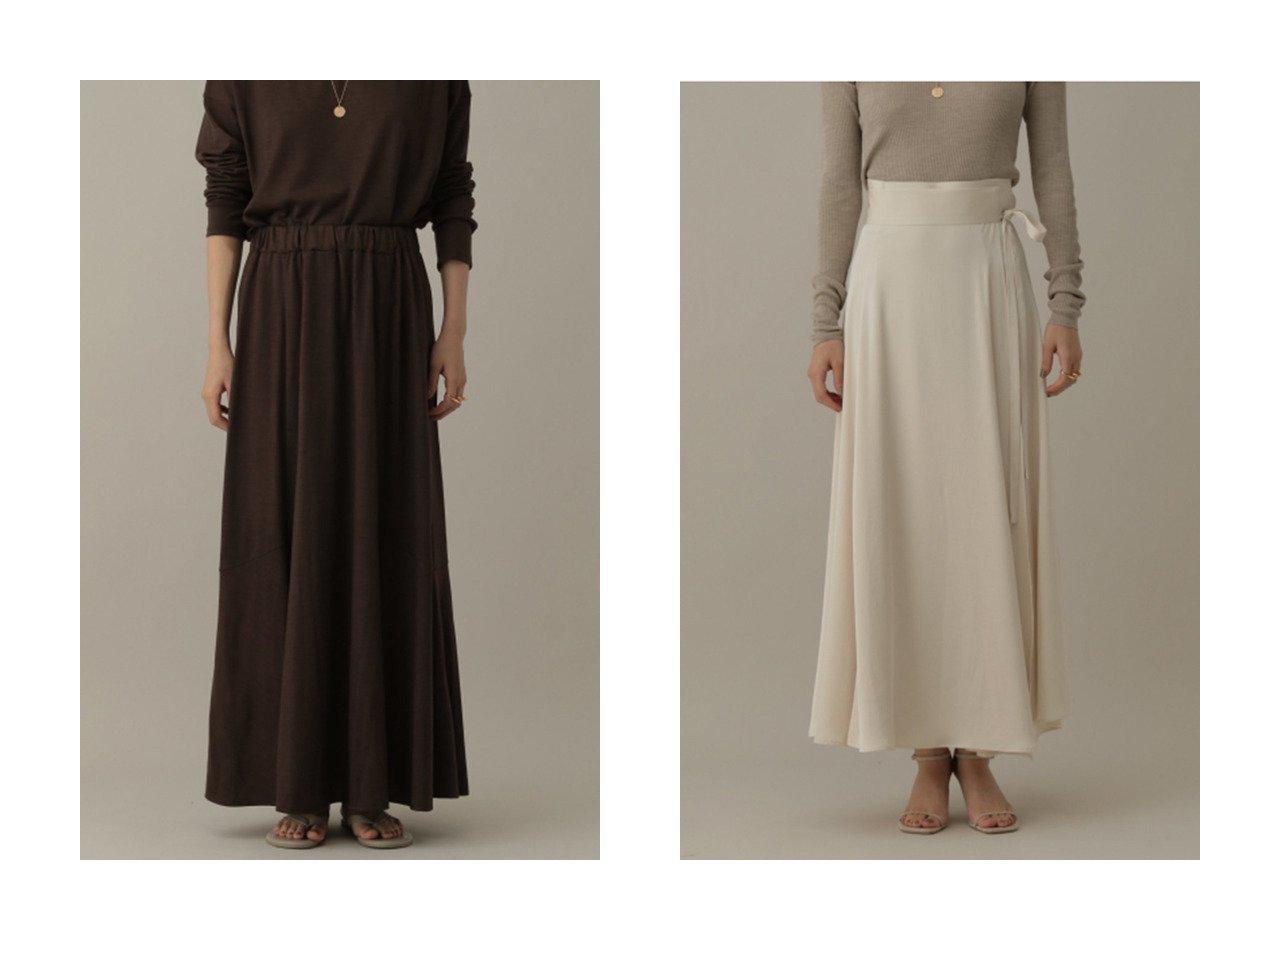 【Chaos/カオス】のプレインカットロングフレアースカート&ジェラサテンラップ ロングフレアースカート 【スカート】おすすめ!人気、トレンド・レディースファッションの通販 おすすめで人気の流行・トレンド、ファッションの通販商品 インテリア・家具・メンズファッション・キッズファッション・レディースファッション・服の通販 founy(ファニー) https://founy.com/ ファッション Fashion レディースファッション WOMEN スカート Skirt 2021年 2021 2021-2022秋冬・A/W AW・Autumn/Winter・FW・Fall-Winter・2021-2022 A/W・秋冬 AW・Autumn/Winter・FW・Fall-Winter おすすめ Recommend カットソー セットアップ マキシ サテン シルク バランス ラップ 人気 |ID:crp329100000054045